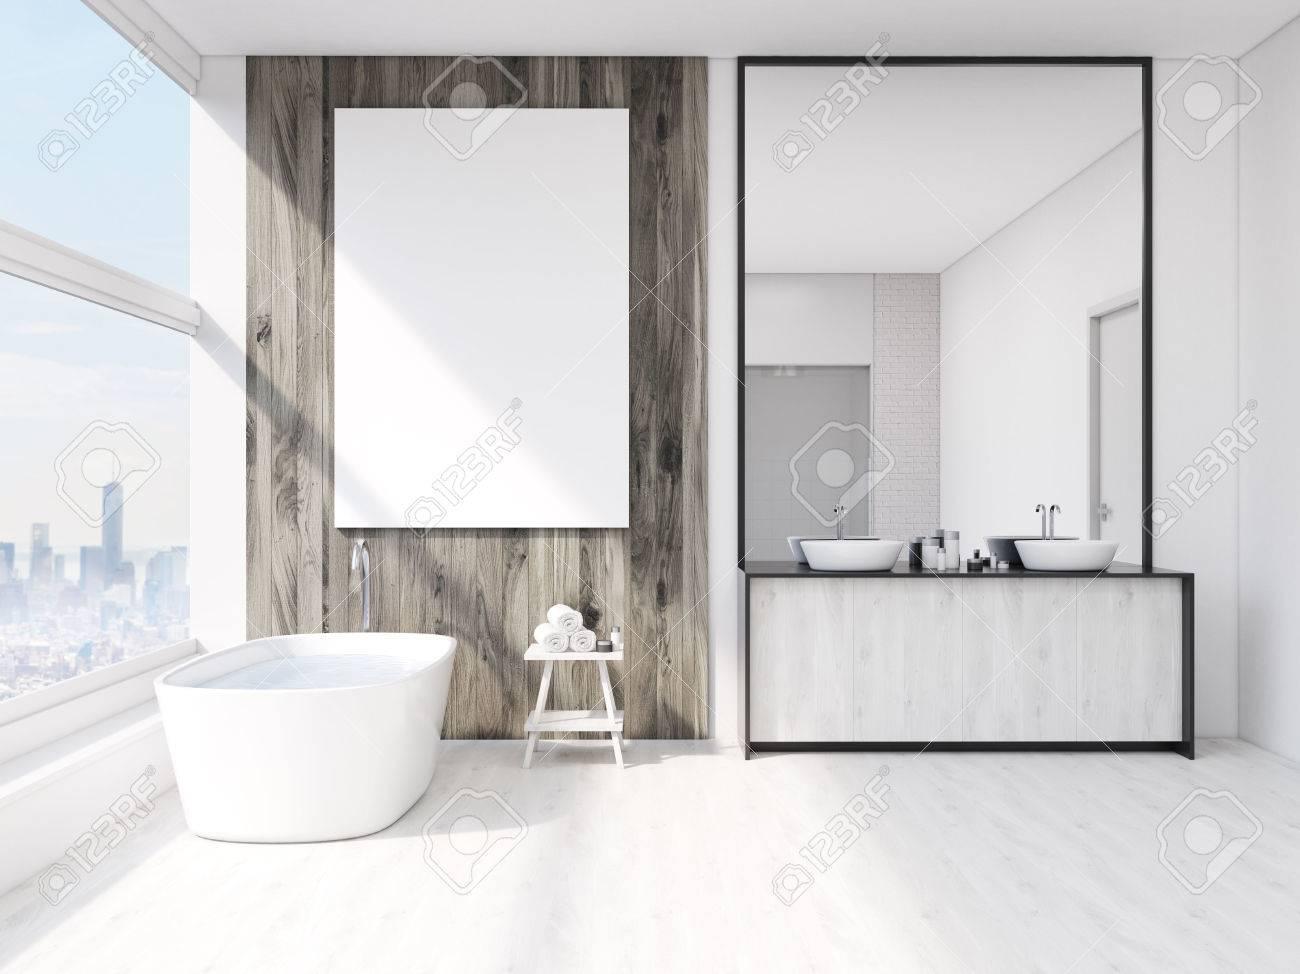 Electricite Salle De Bain Securite ~ int rieur de salle de bains avec miroir baignoire table avec des